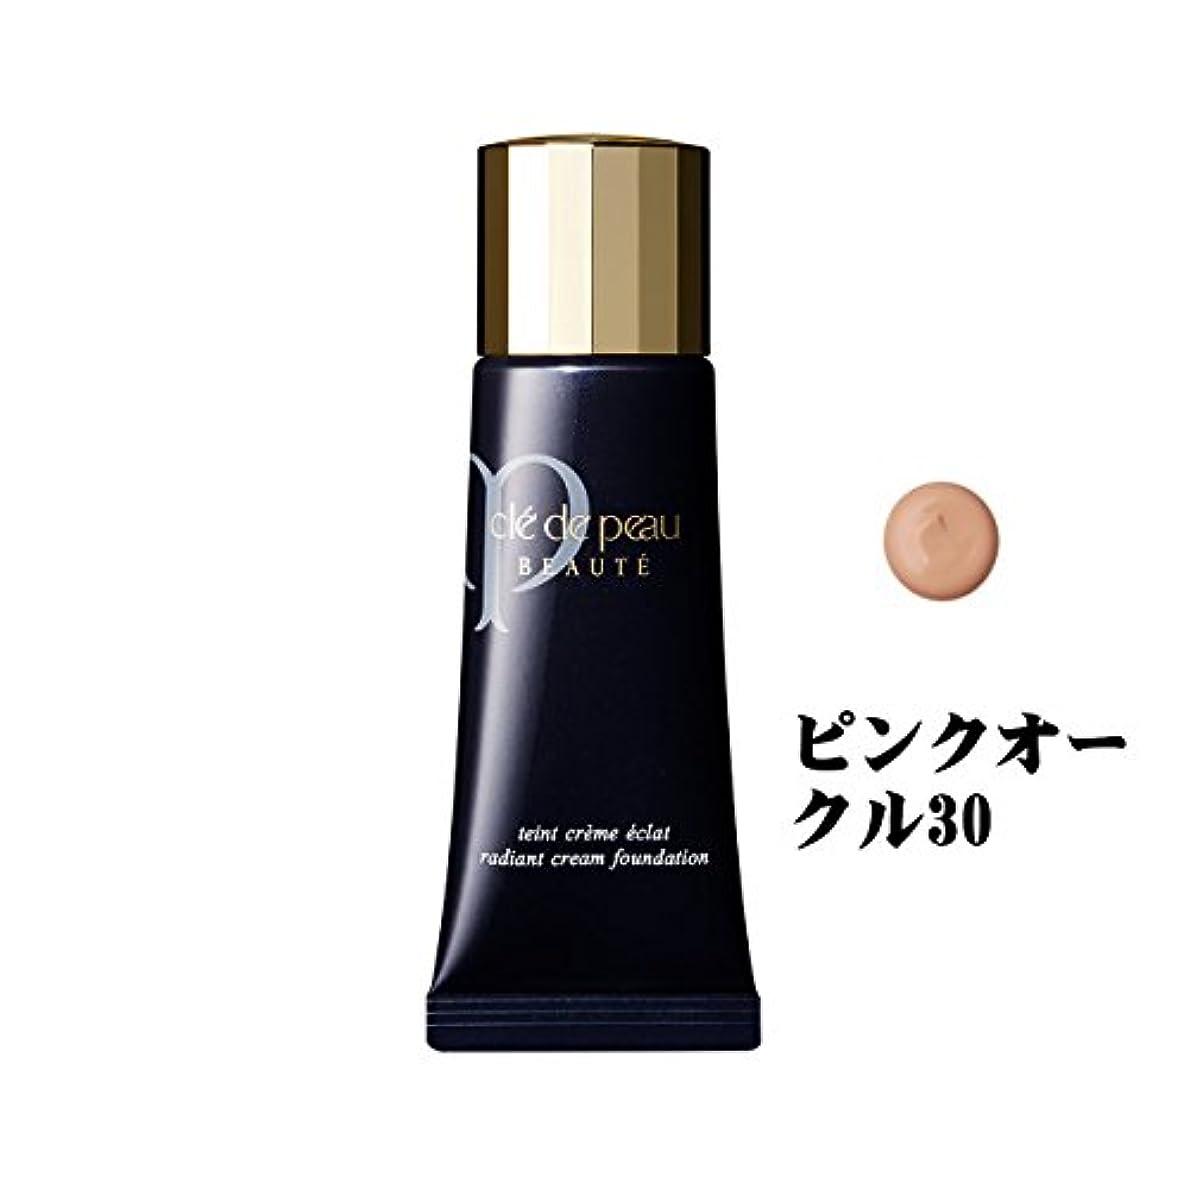 危険な嫌がらせ朝食を食べる資生堂/shiseido クレドポーボーテ/CPB タンクレームエクラ クリームタイプ SPF25?PA++ ピンクオークル30